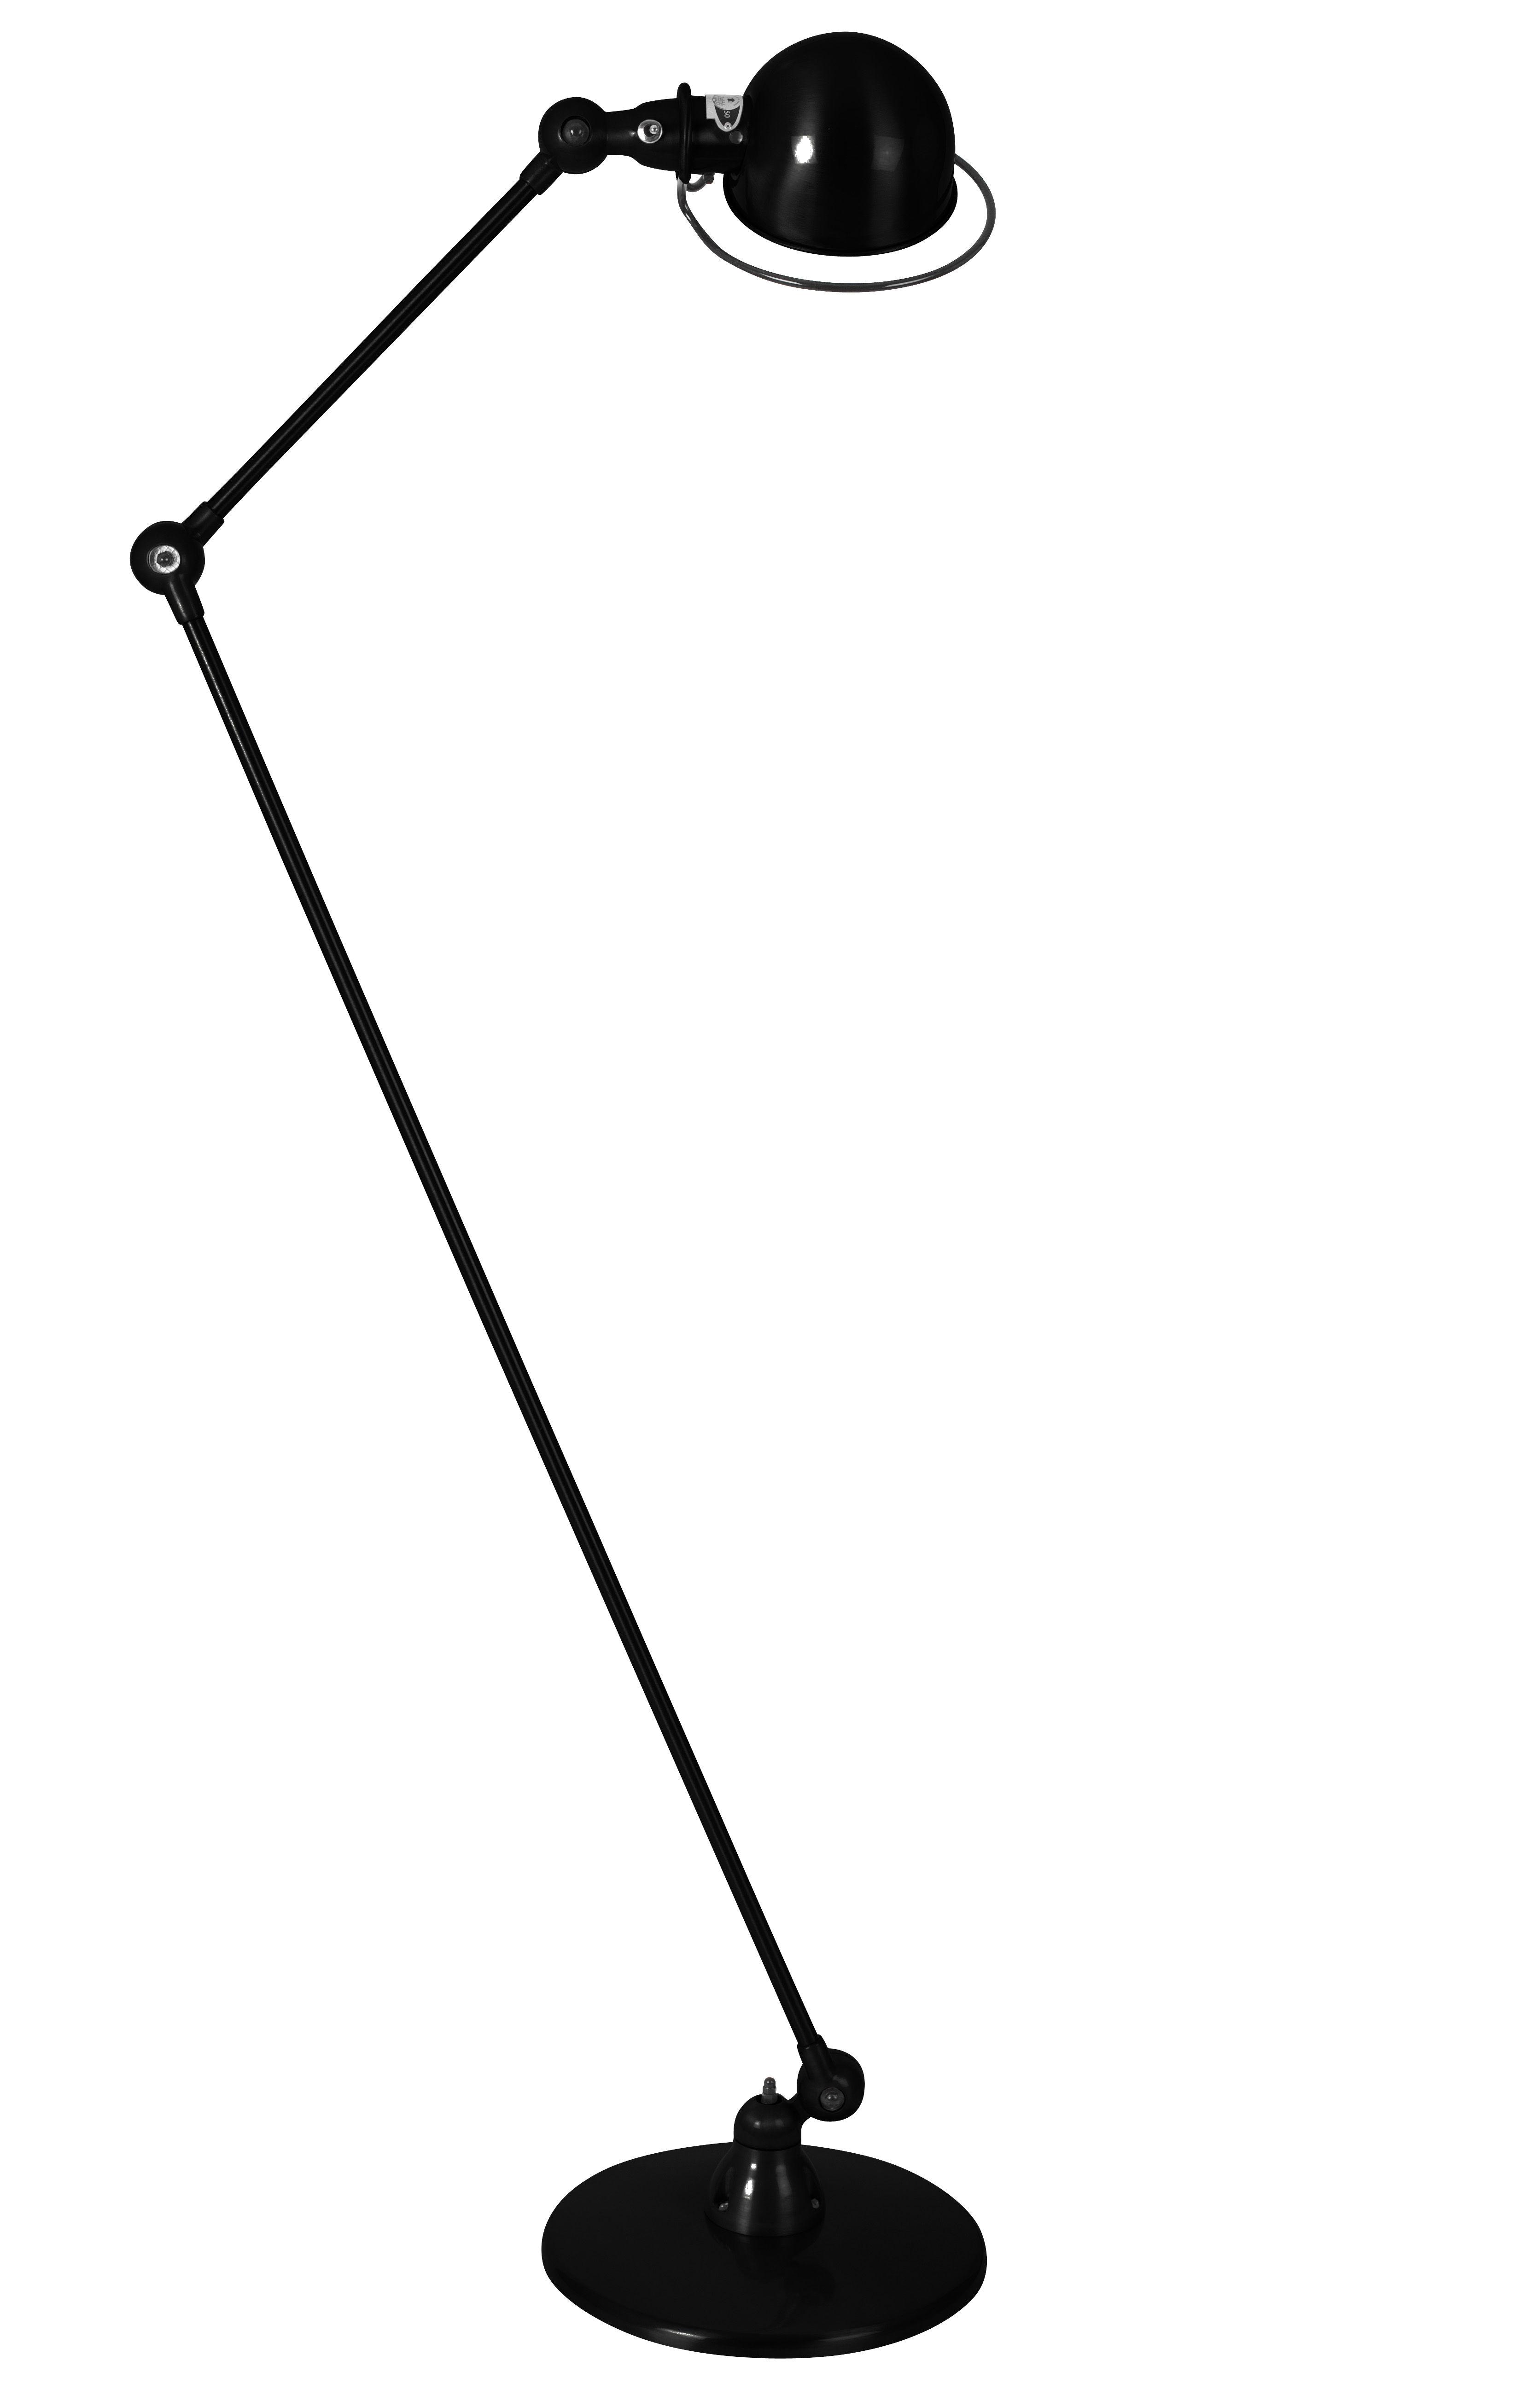 Luminaire - Lampadaires - Lampadaire Loft / 2 bras articulés - H max 160 cm - Jieldé - Noir mat - Acier inoxydable